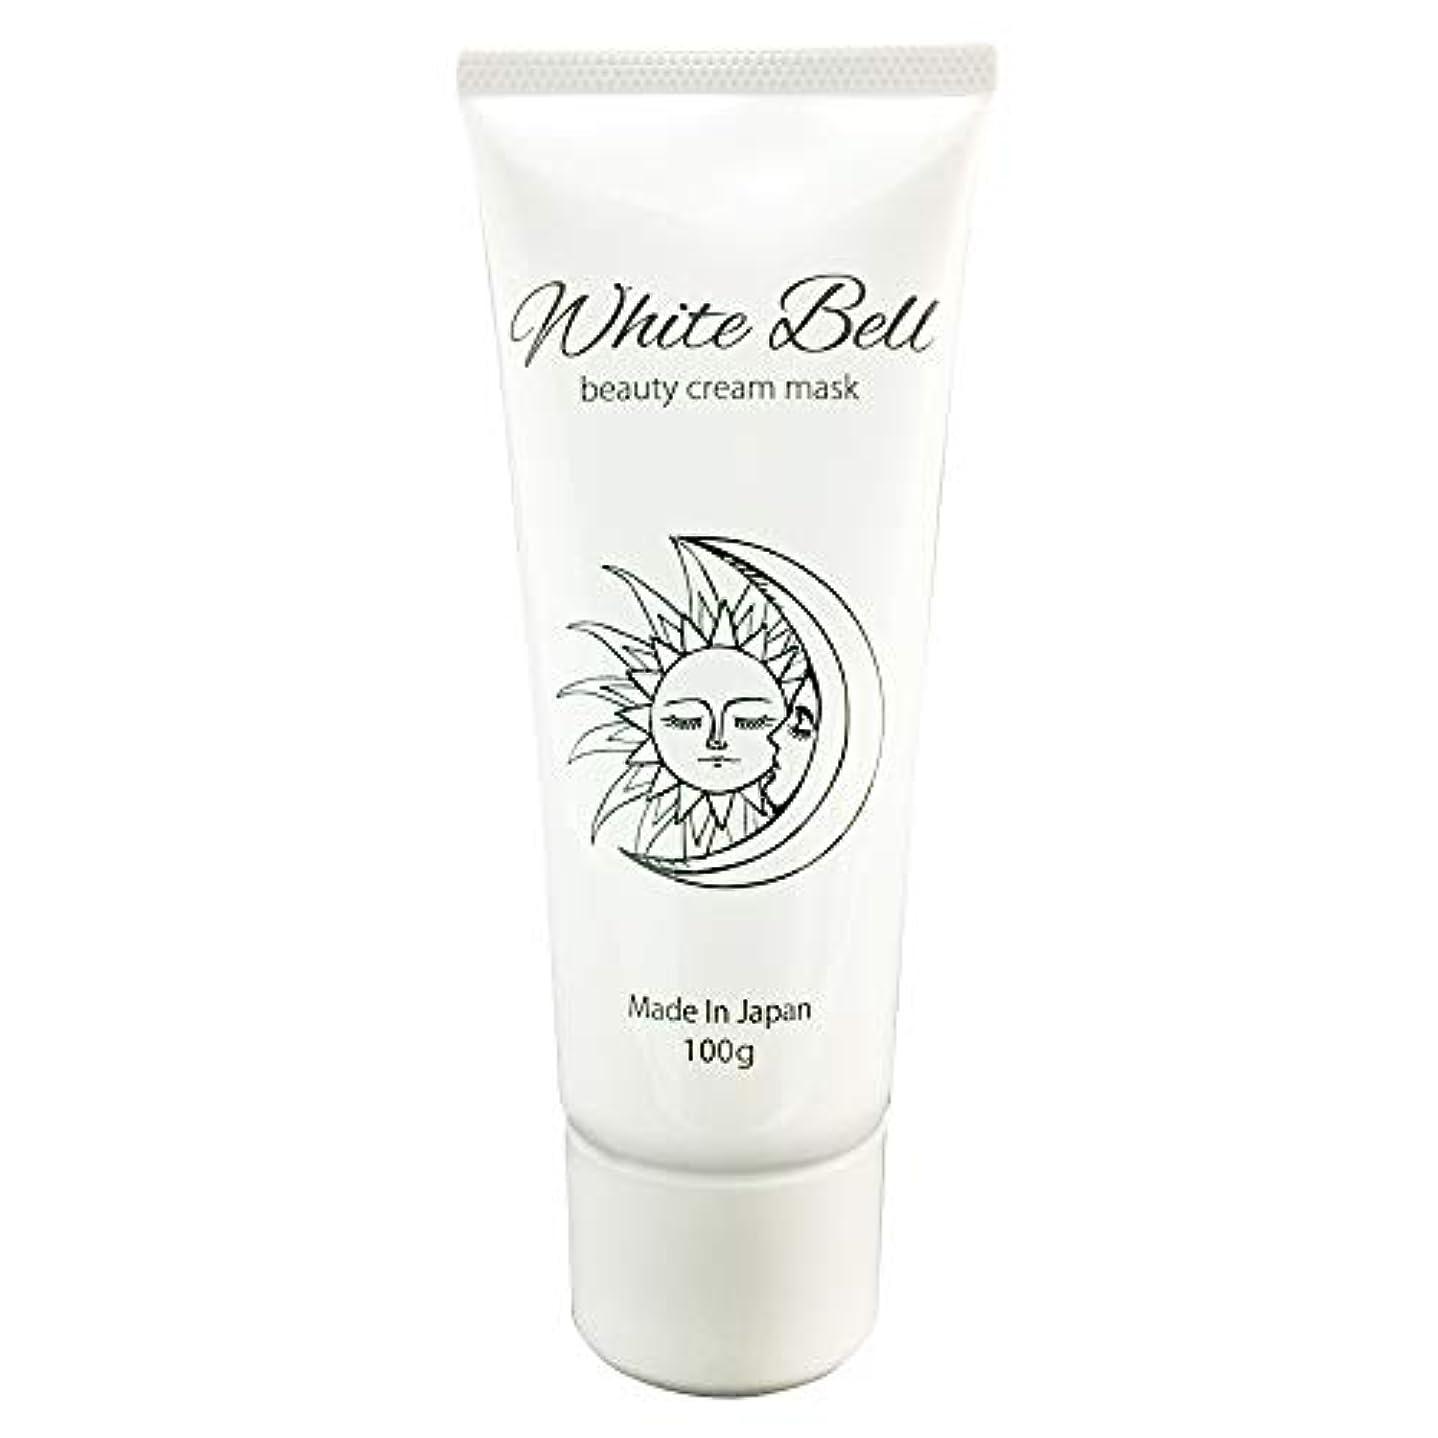 痛いロマンチックドリンクホワイトベル ビューティークリームマスク White-Bell beauty cream mask ナイトクリーム オールインワン